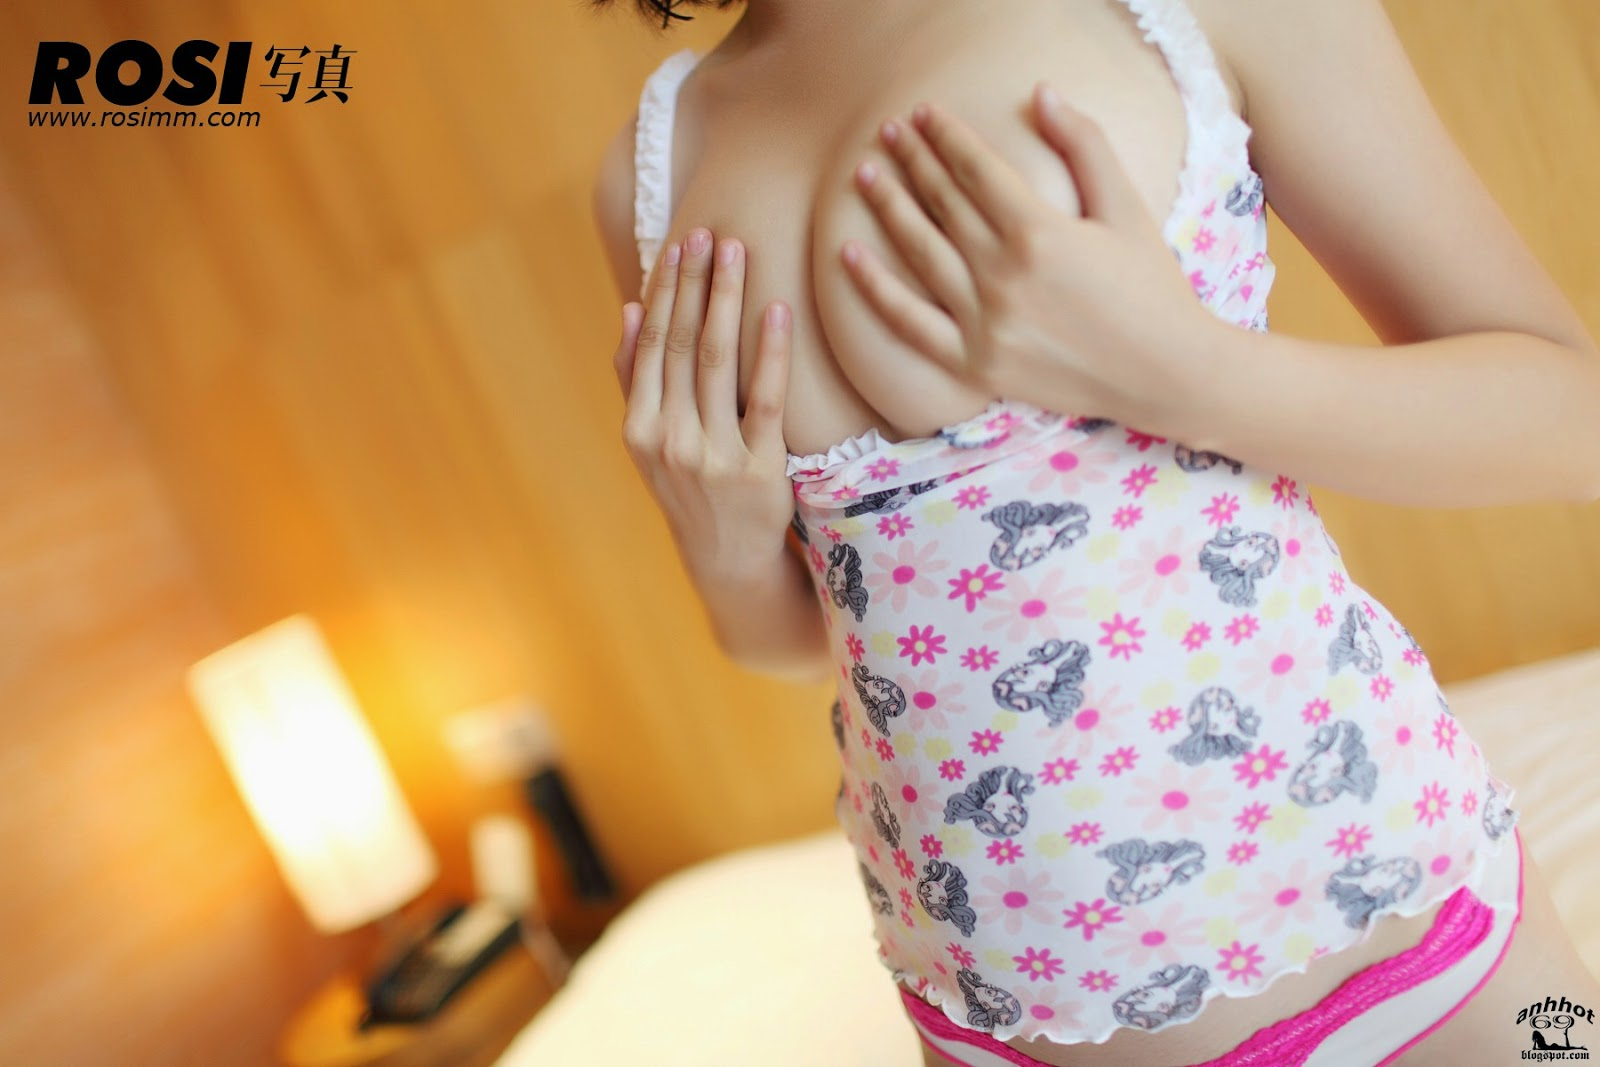 model_girl-rosi-01231065